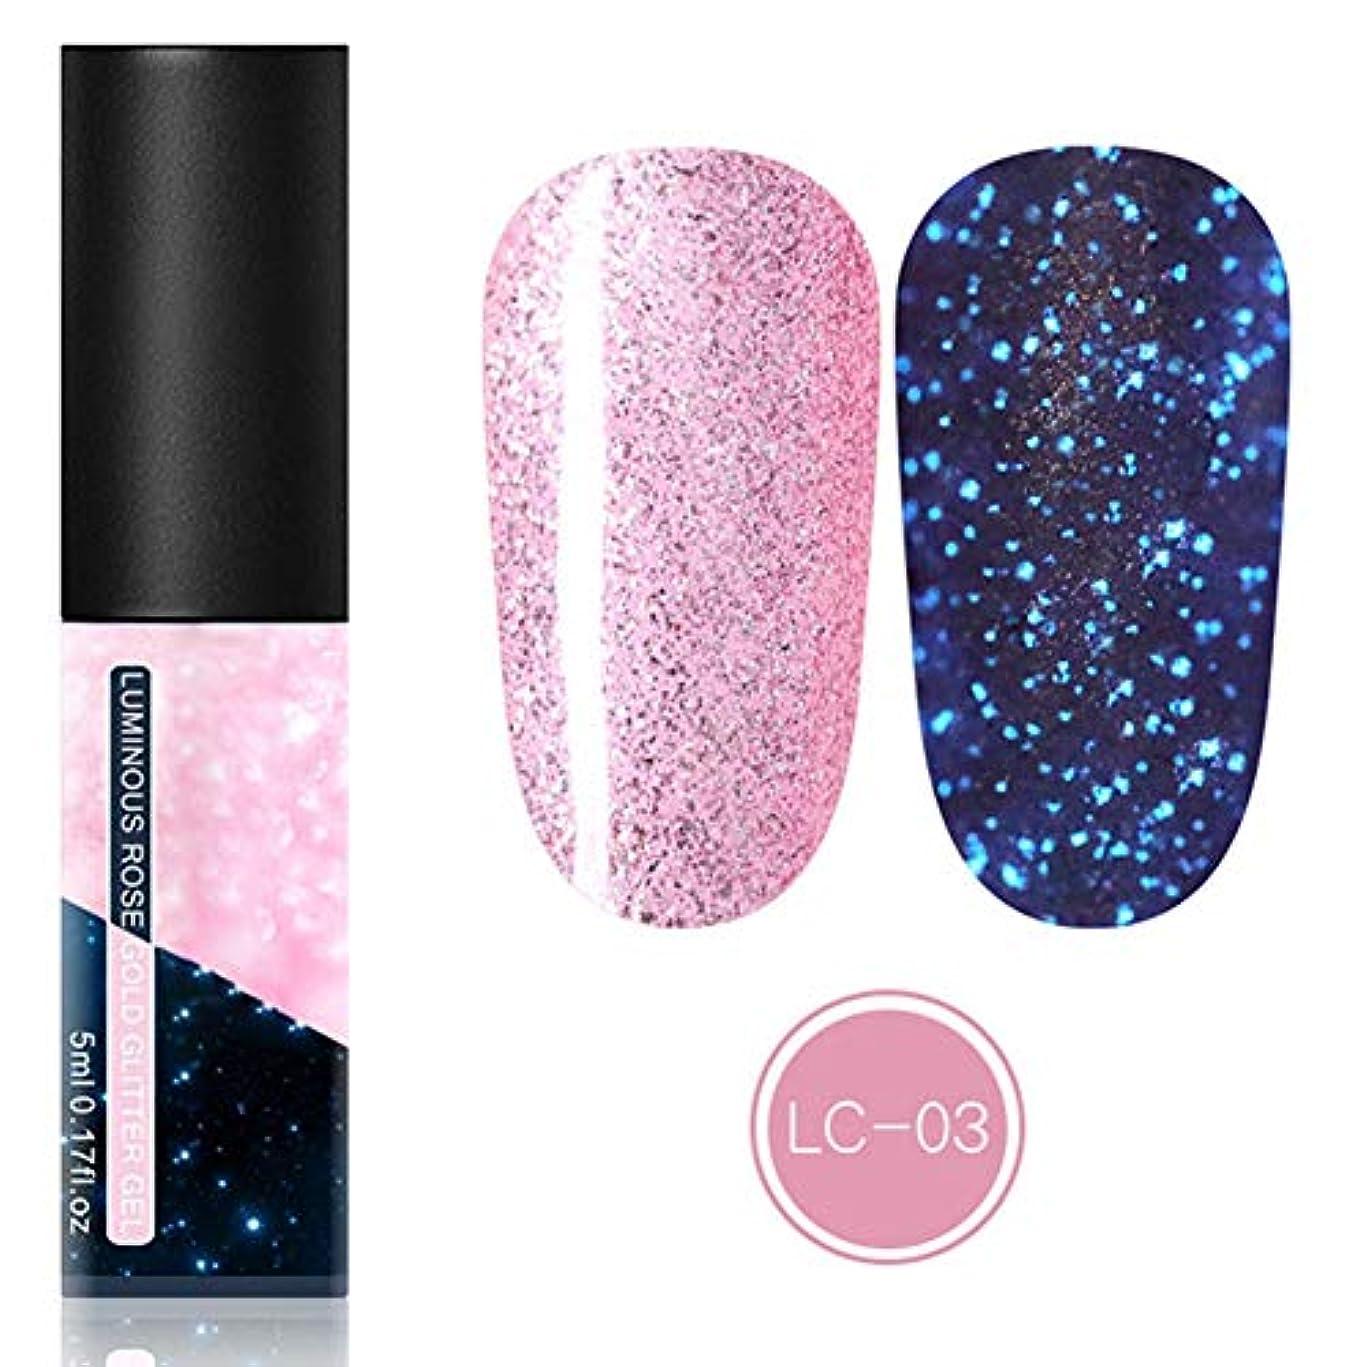 かる牛肉改修するfeelingood Gel Nail Polish,Fluorescent Gel Nail Polish Glow in Dark Nail Enamel Varnish Gel Manicure Supply